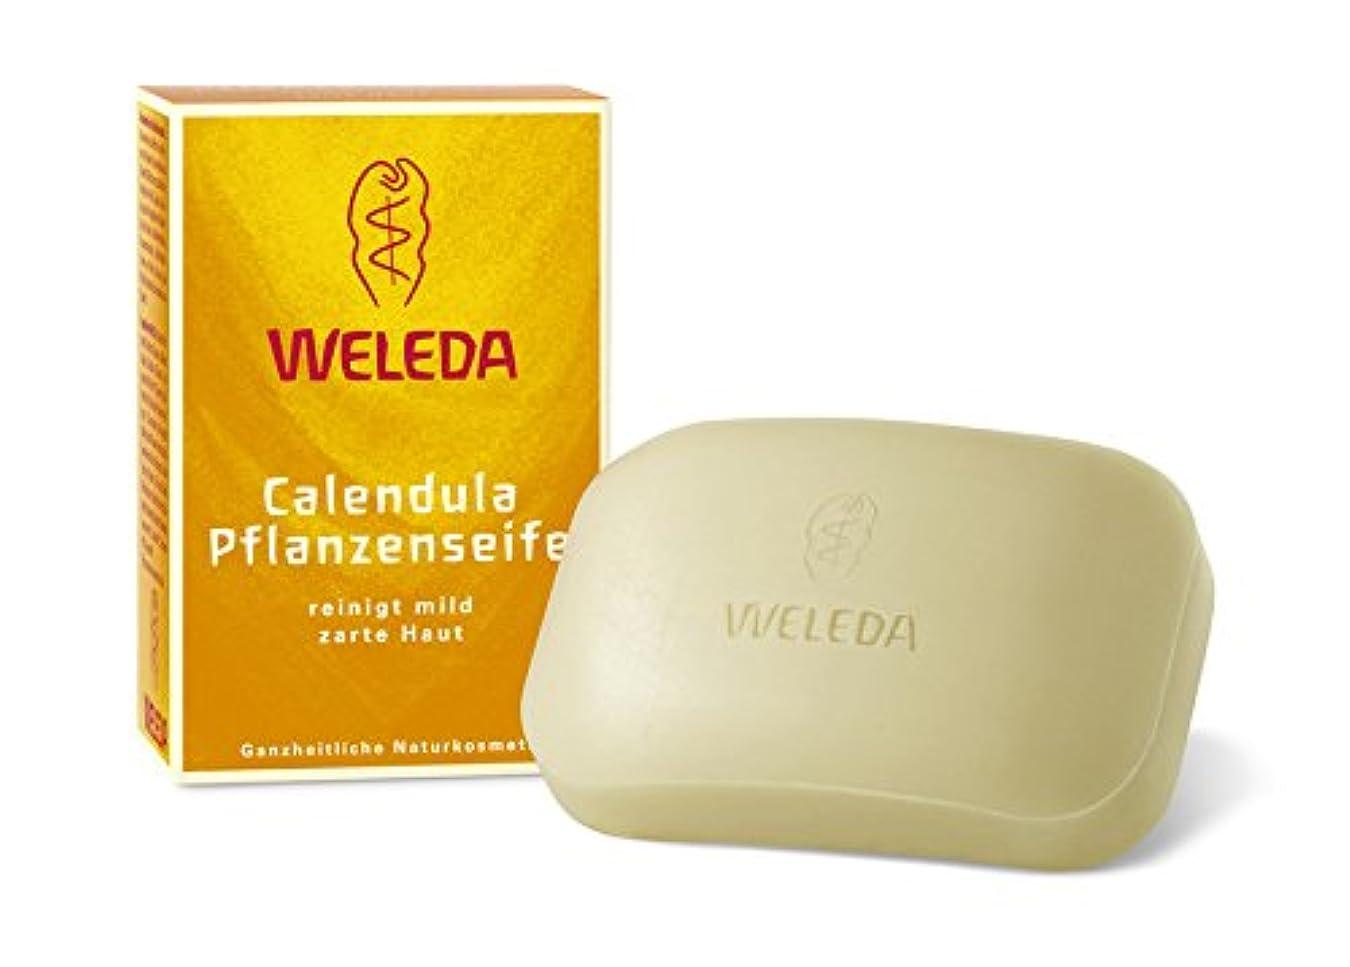 欲しいです対立歩くWELEDA(ヴェレダ) カレンドラ ソープ 100g